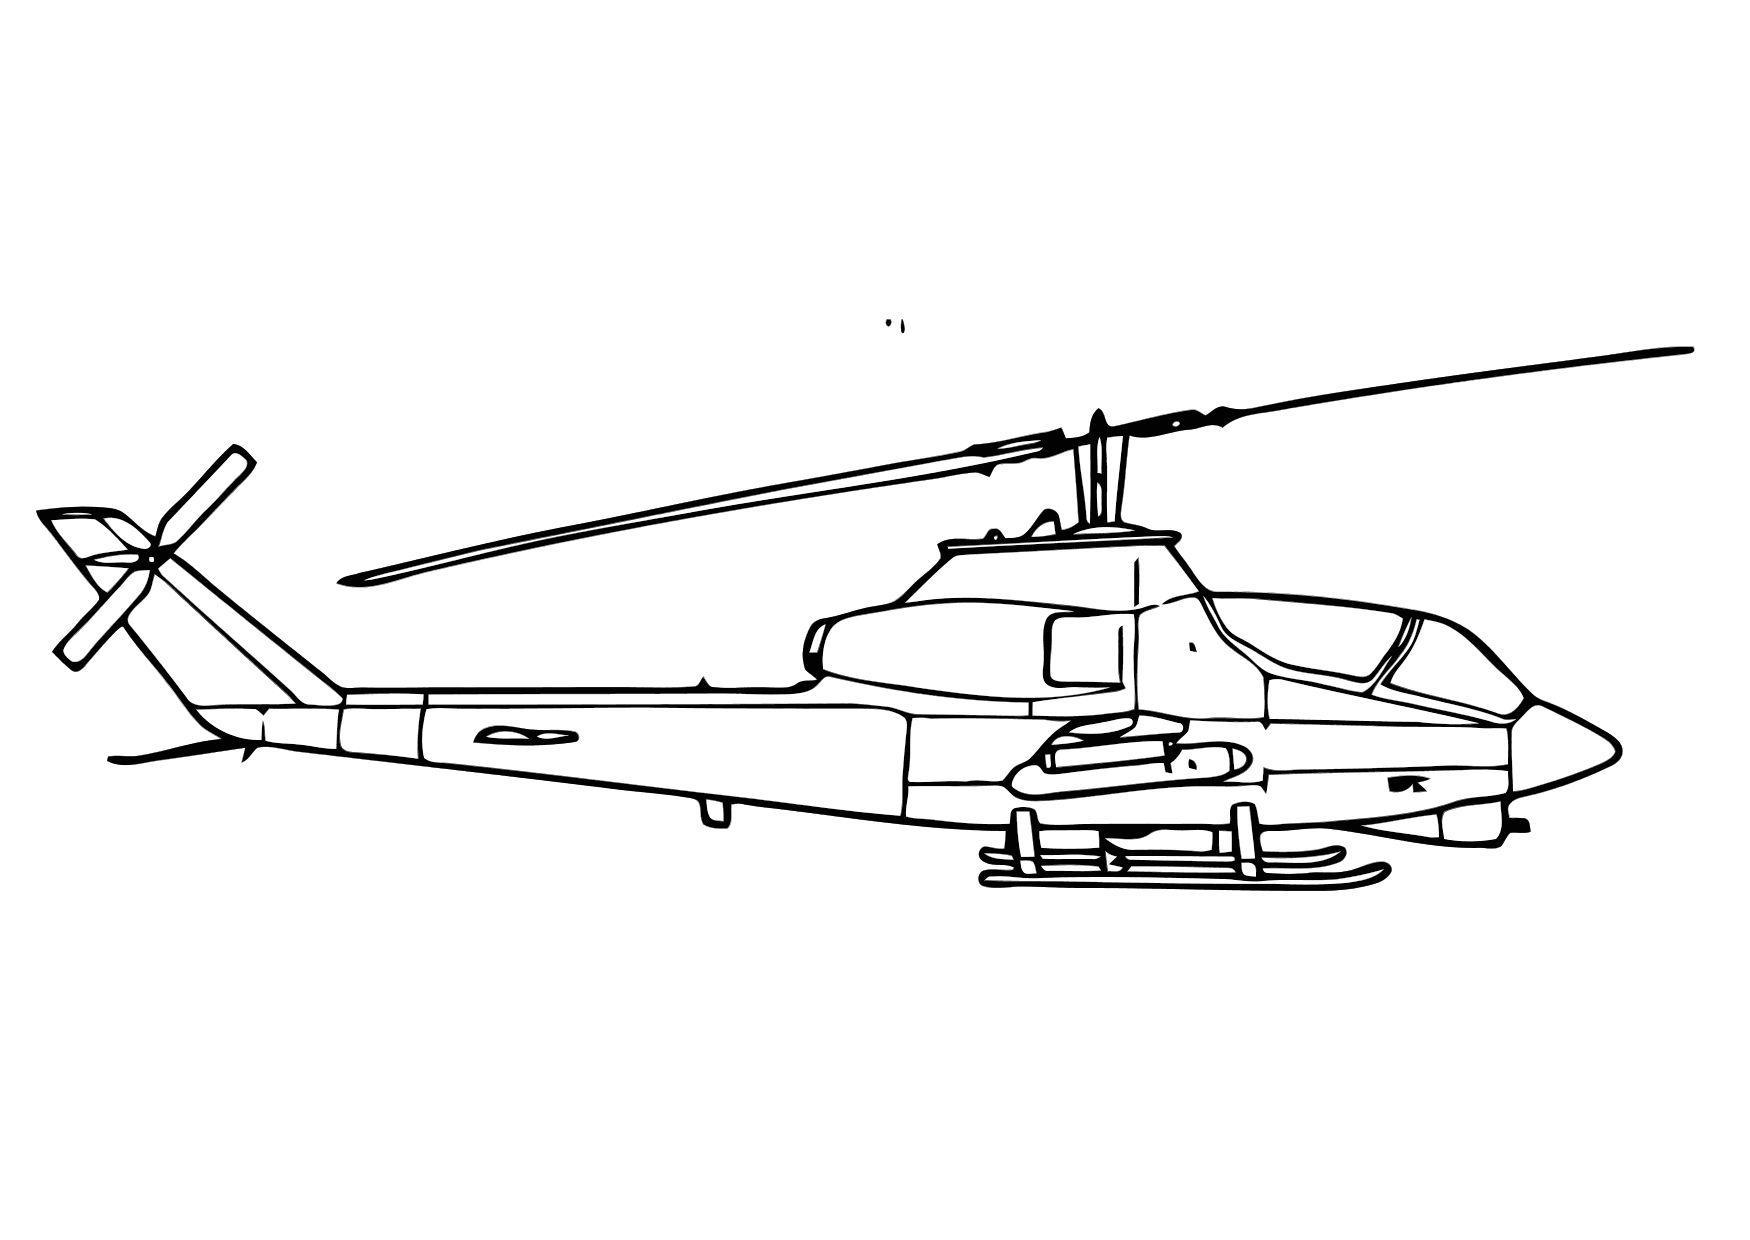 Afbeeldingen Kleurplaten Bus Kleurplaat Cobra Helicopter Afb 11307